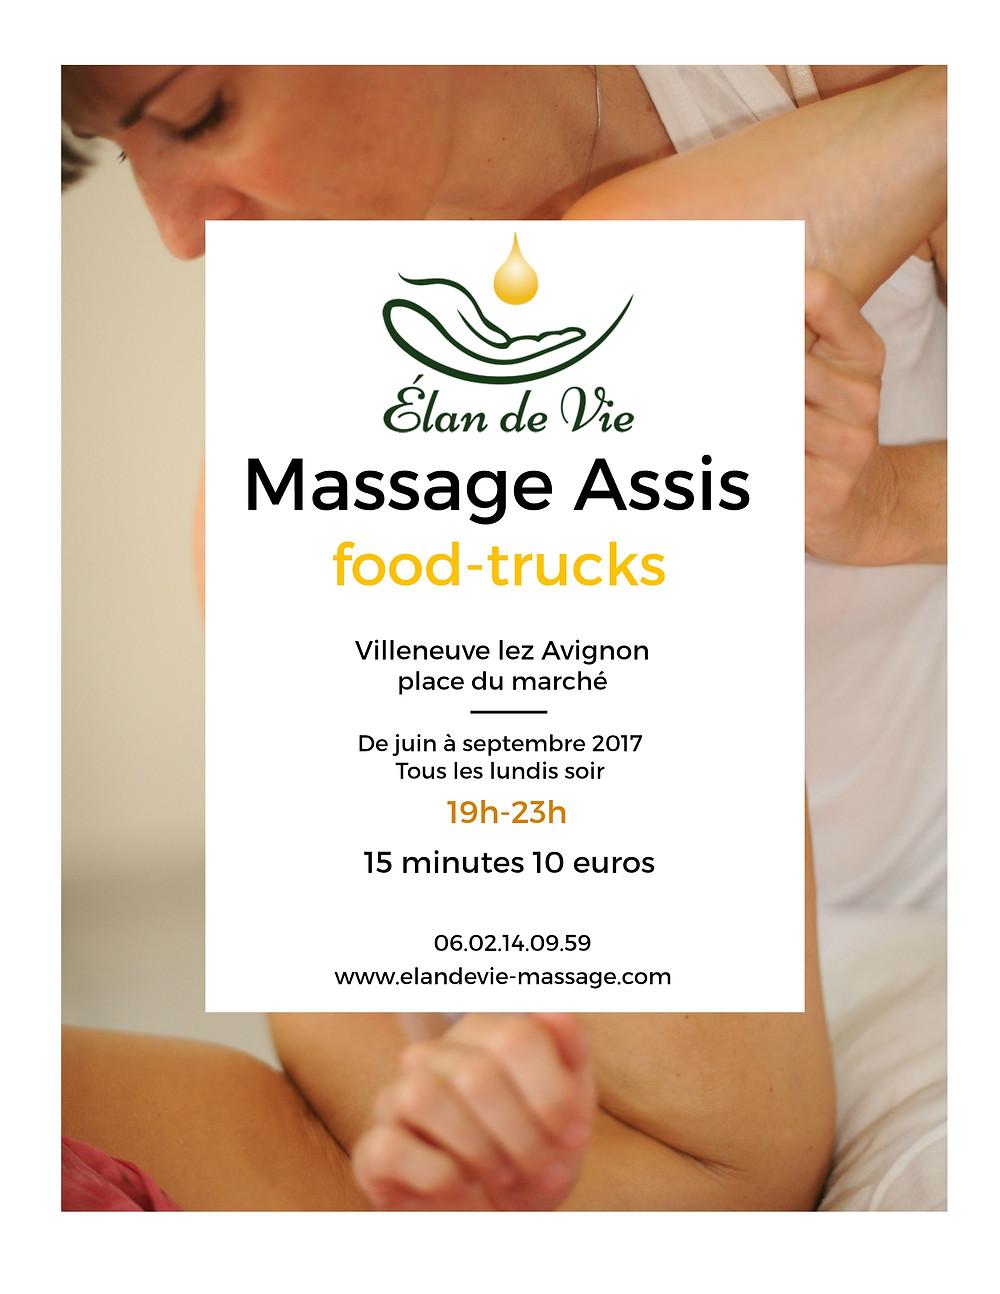 Massage assis à Villeneuve lez Avignon, à 10 mn du centre ville d'Avignon. Offre spéciale 5 euros les 10 minutes de massage assis. Tous les lundis soir, jusqu'à fin septembre